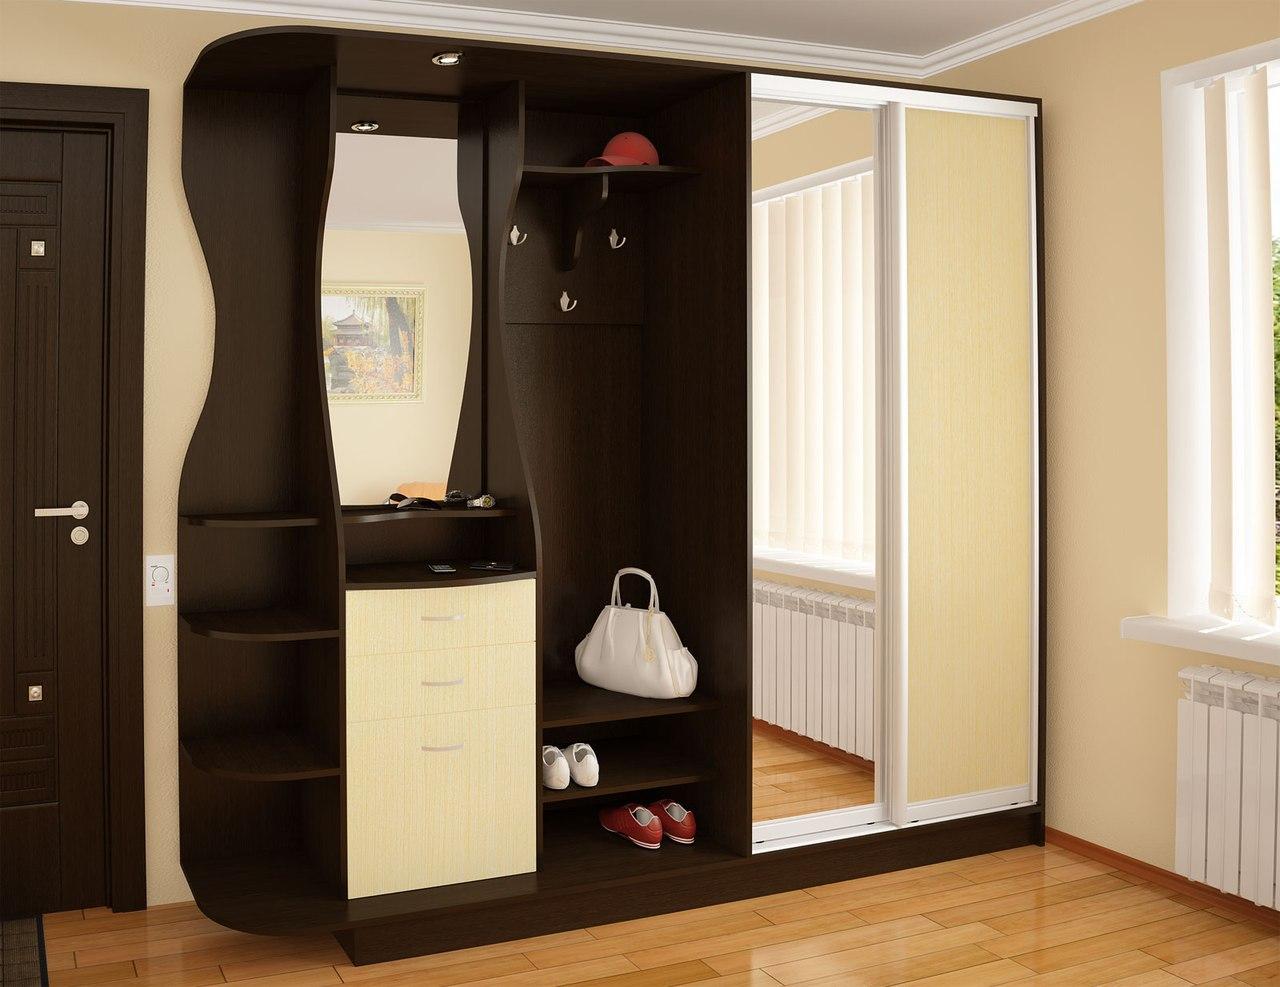 Фото: продам шкафы-купе. мебель для cпальни, киев и область,.